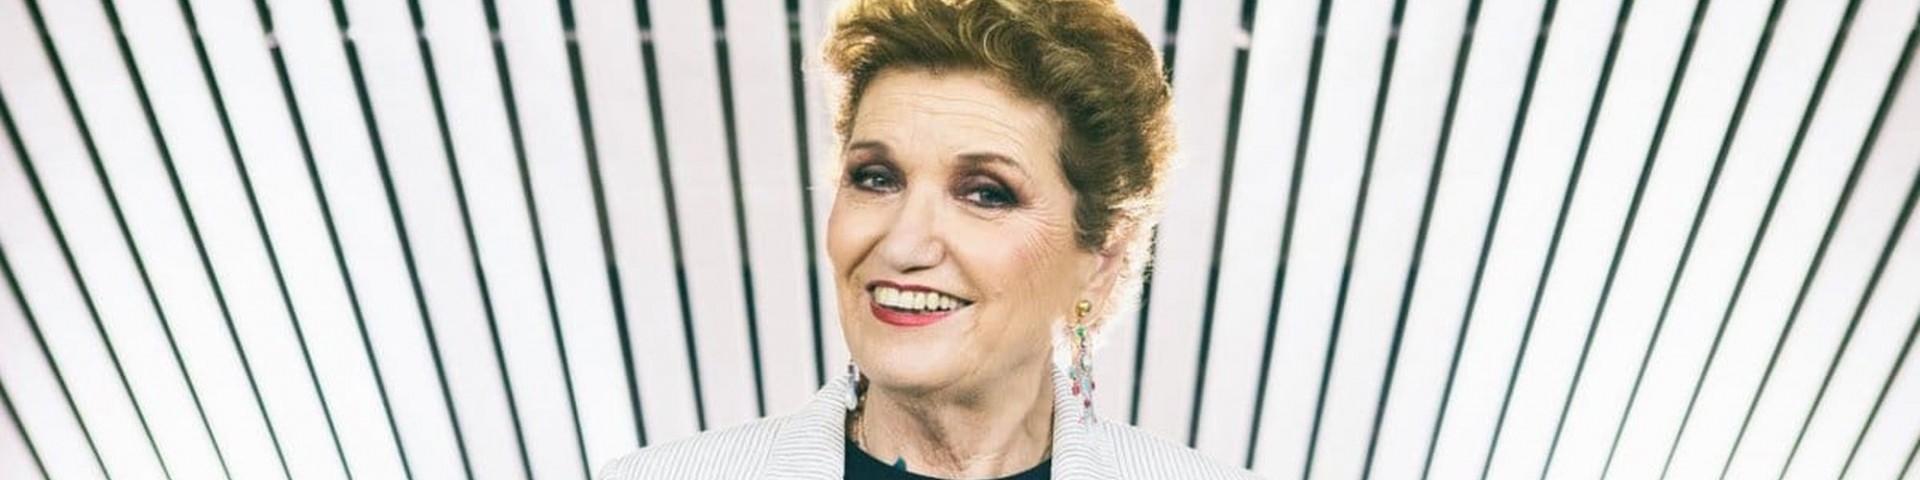 Mara Maionchi lascia X Factor? Le ultime dichiarazioni